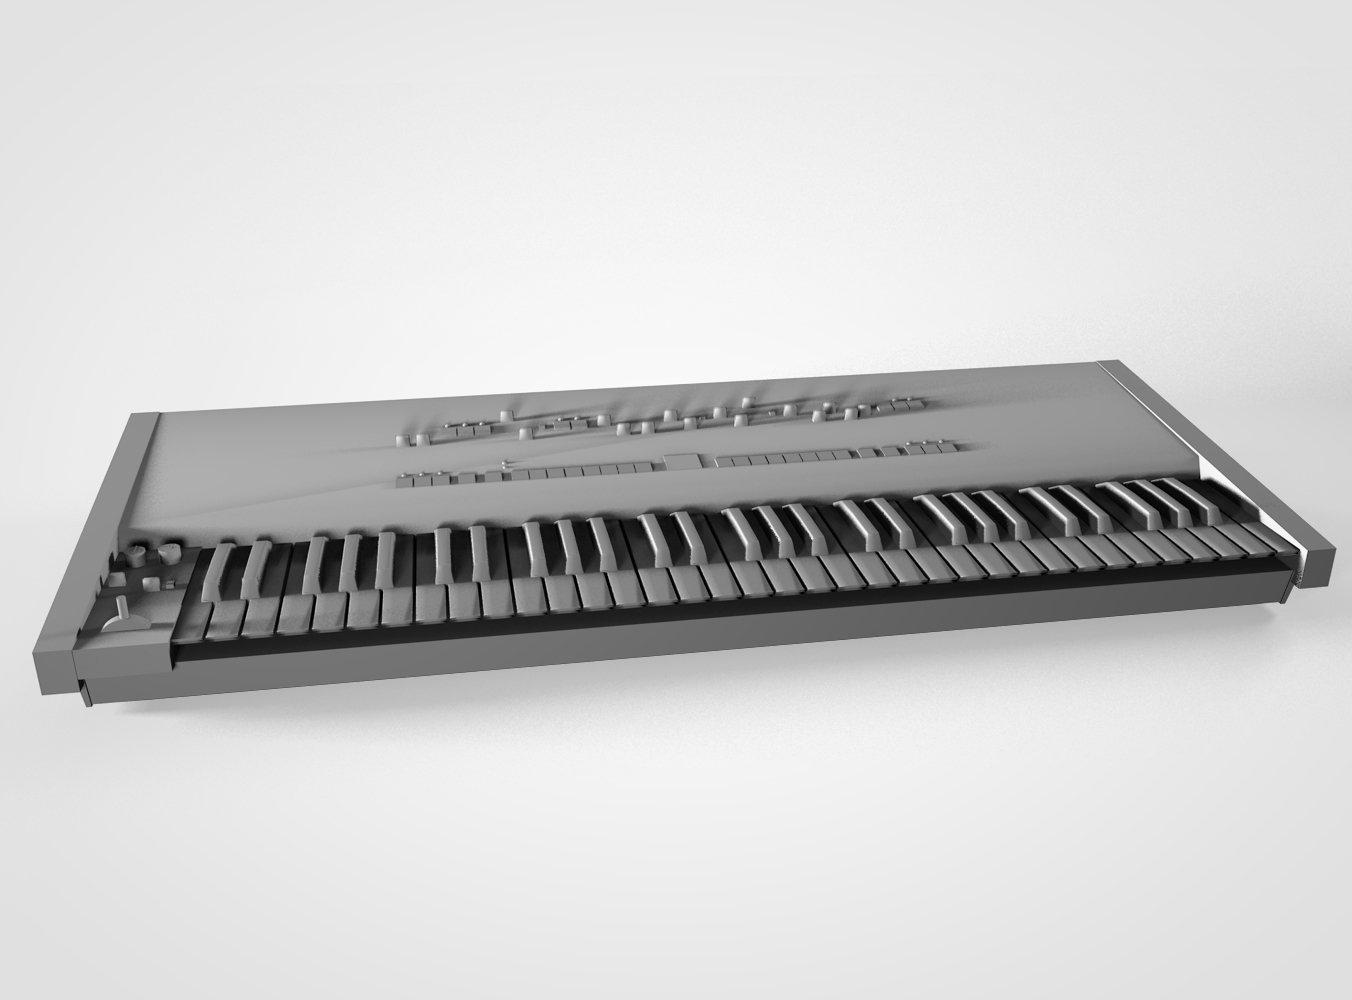 Roland JUNO-106 3D Model in Electronic 3DExport